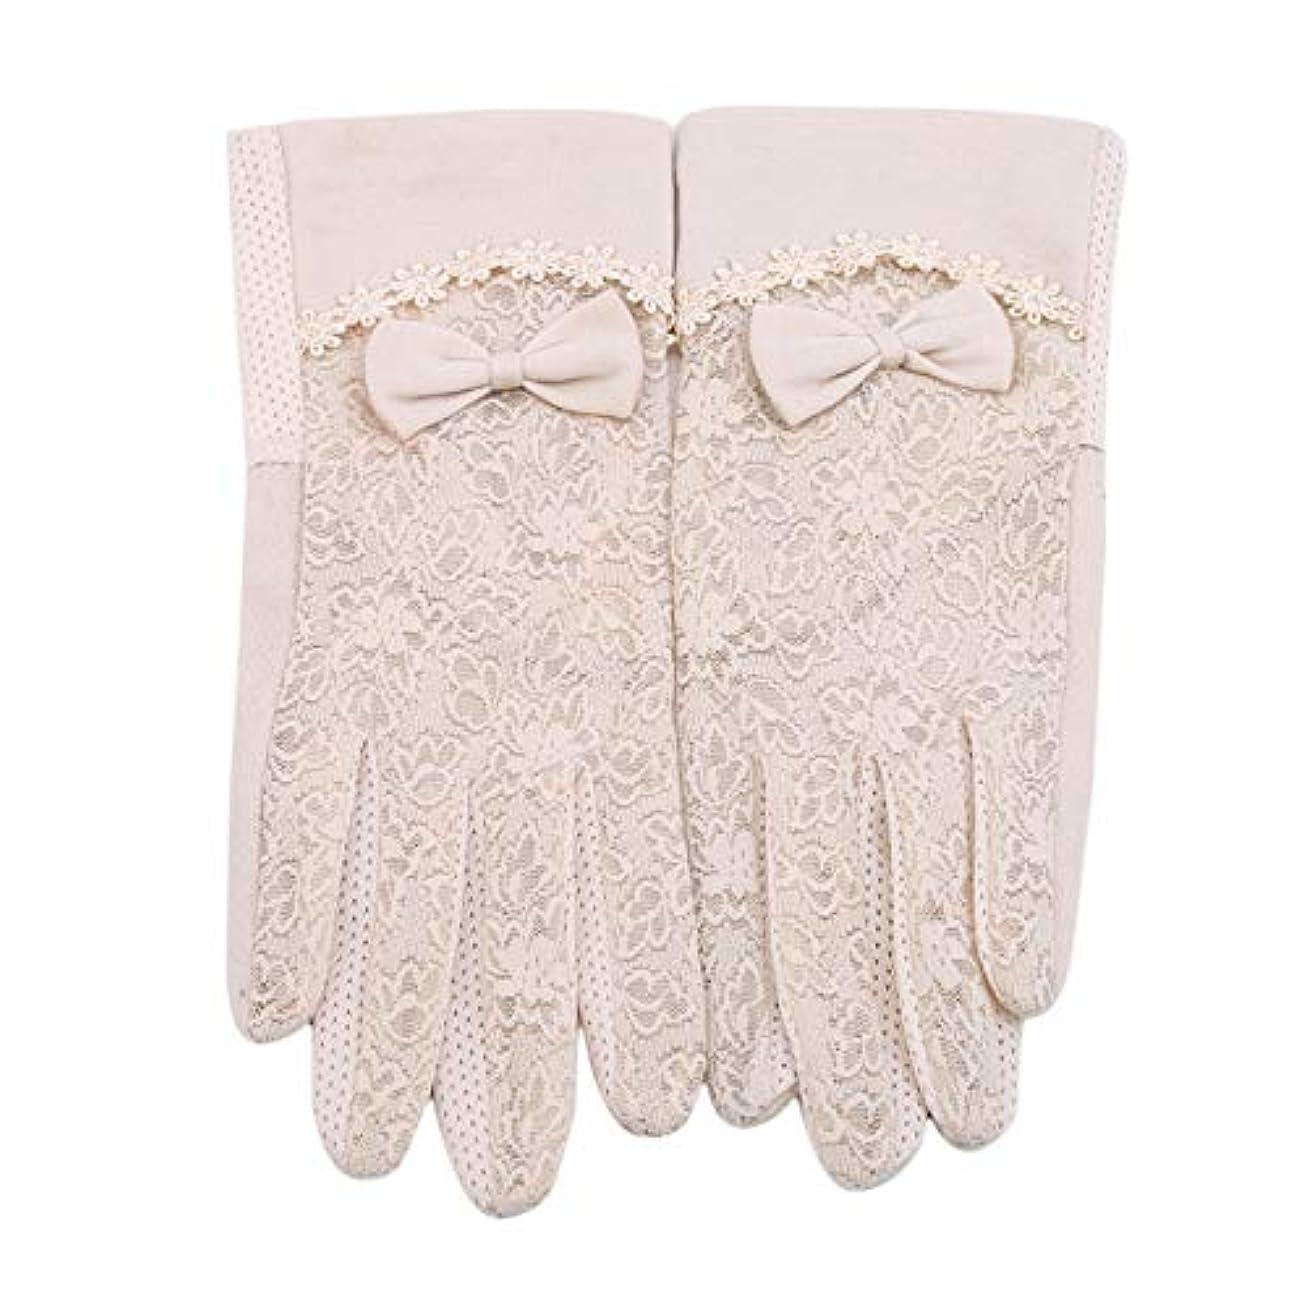 女優陰謀未来MODMHB 手袋 UVカット 手触りが良い 紫外線カット 日焼け防止 ハンド ケア 手荒い対策 保湿 保護 抗菌 防臭